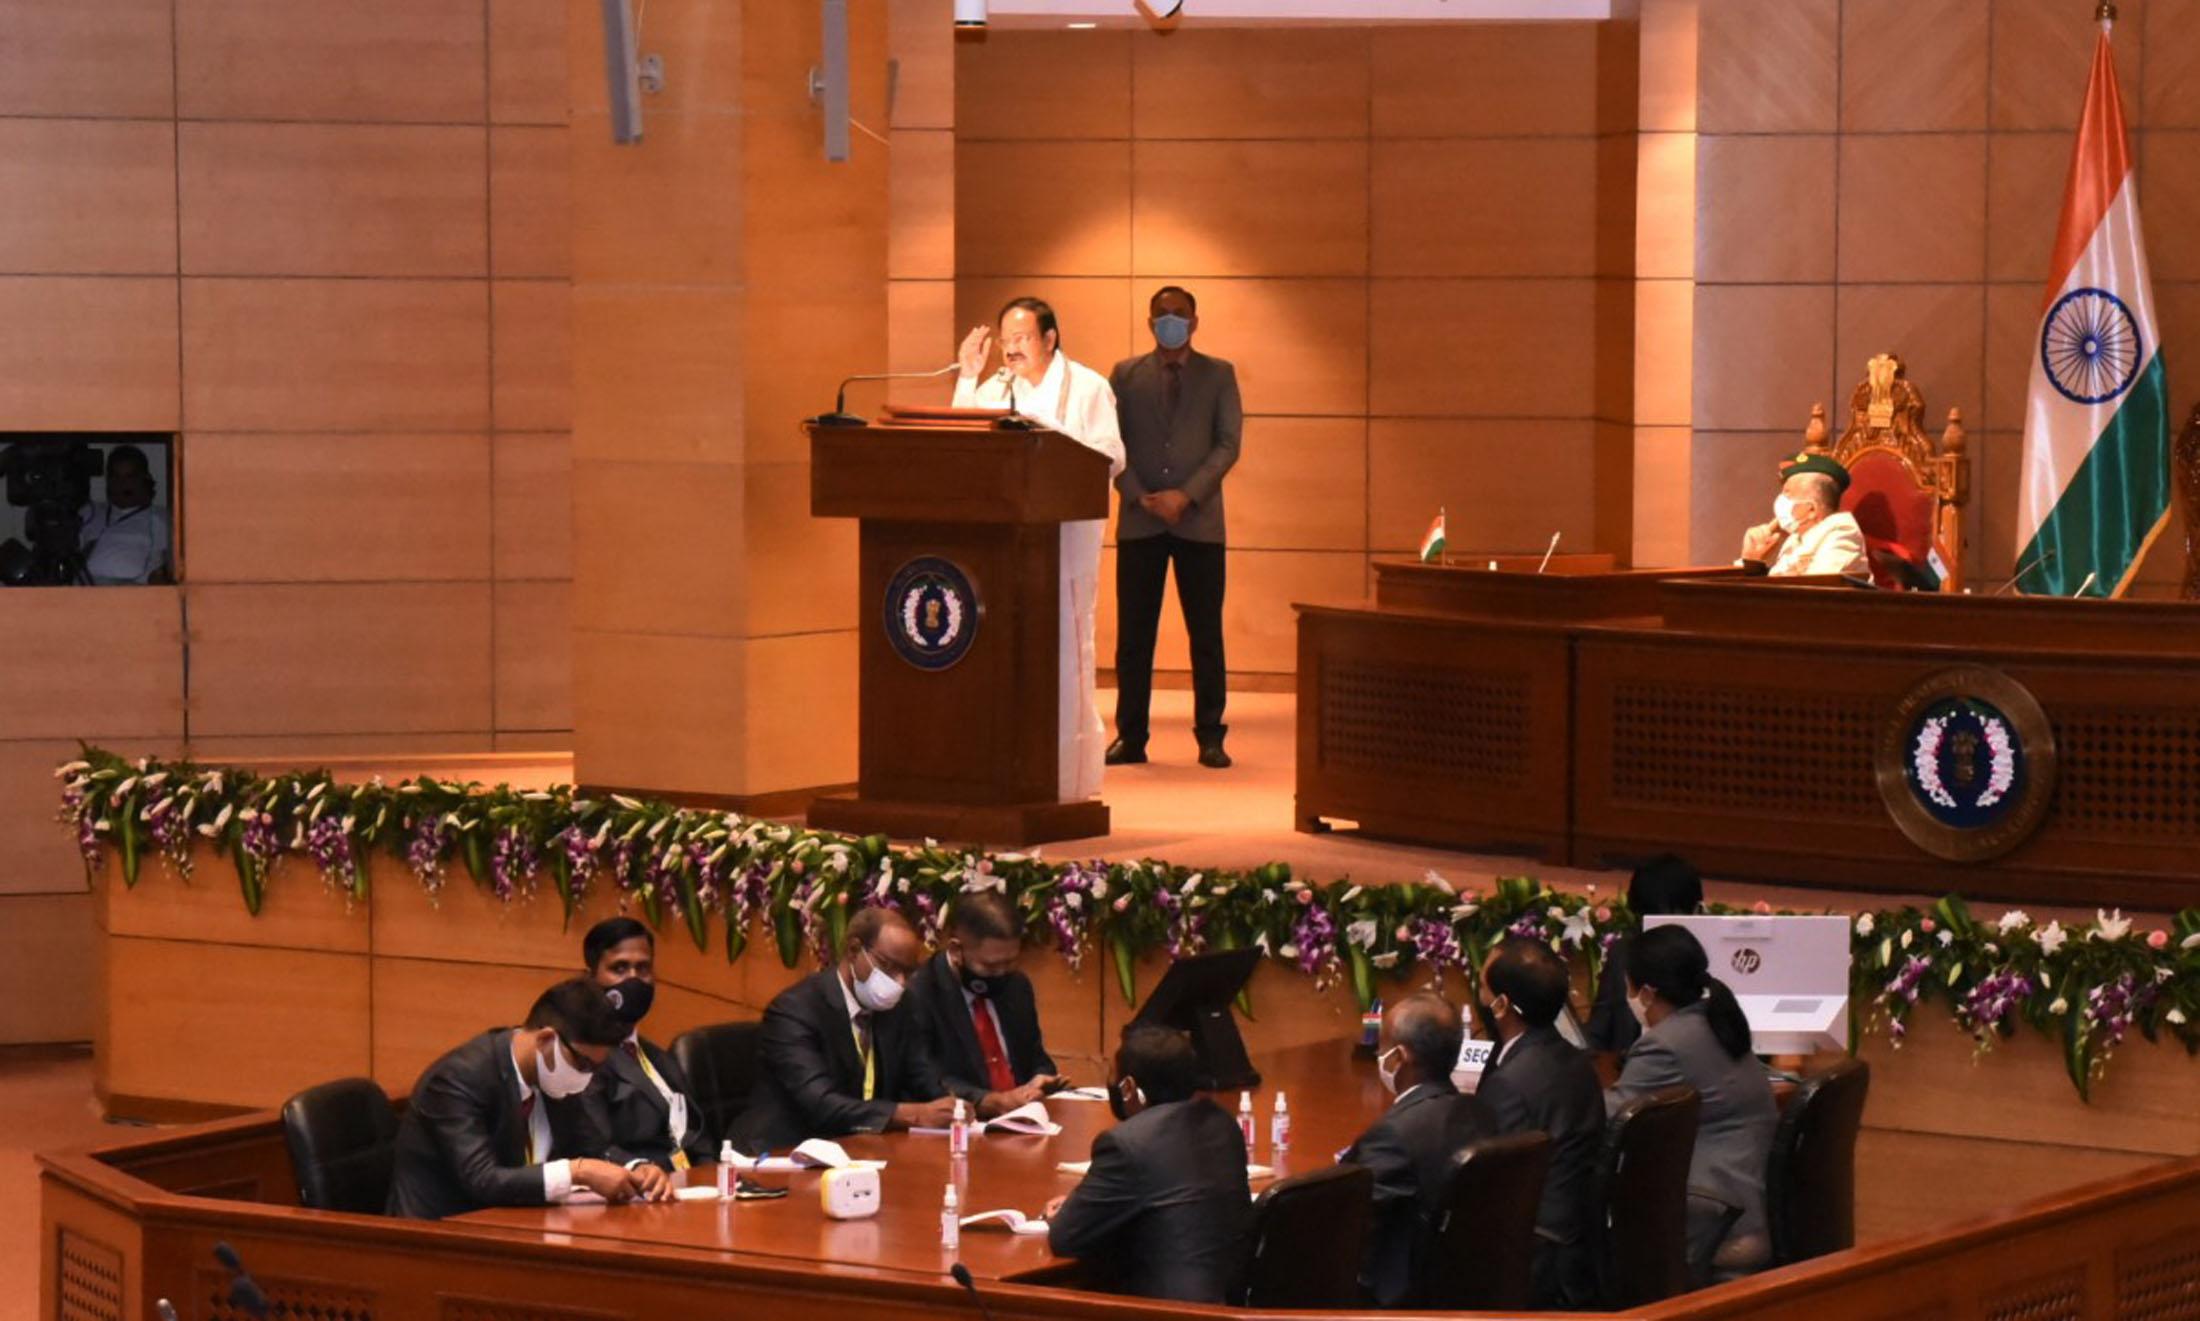 उपराष्ट्रपति वेंकैया नायडू ने अरुणाचल प्रदेश विधानसभा के विशेष सत्र को संबोधित किया